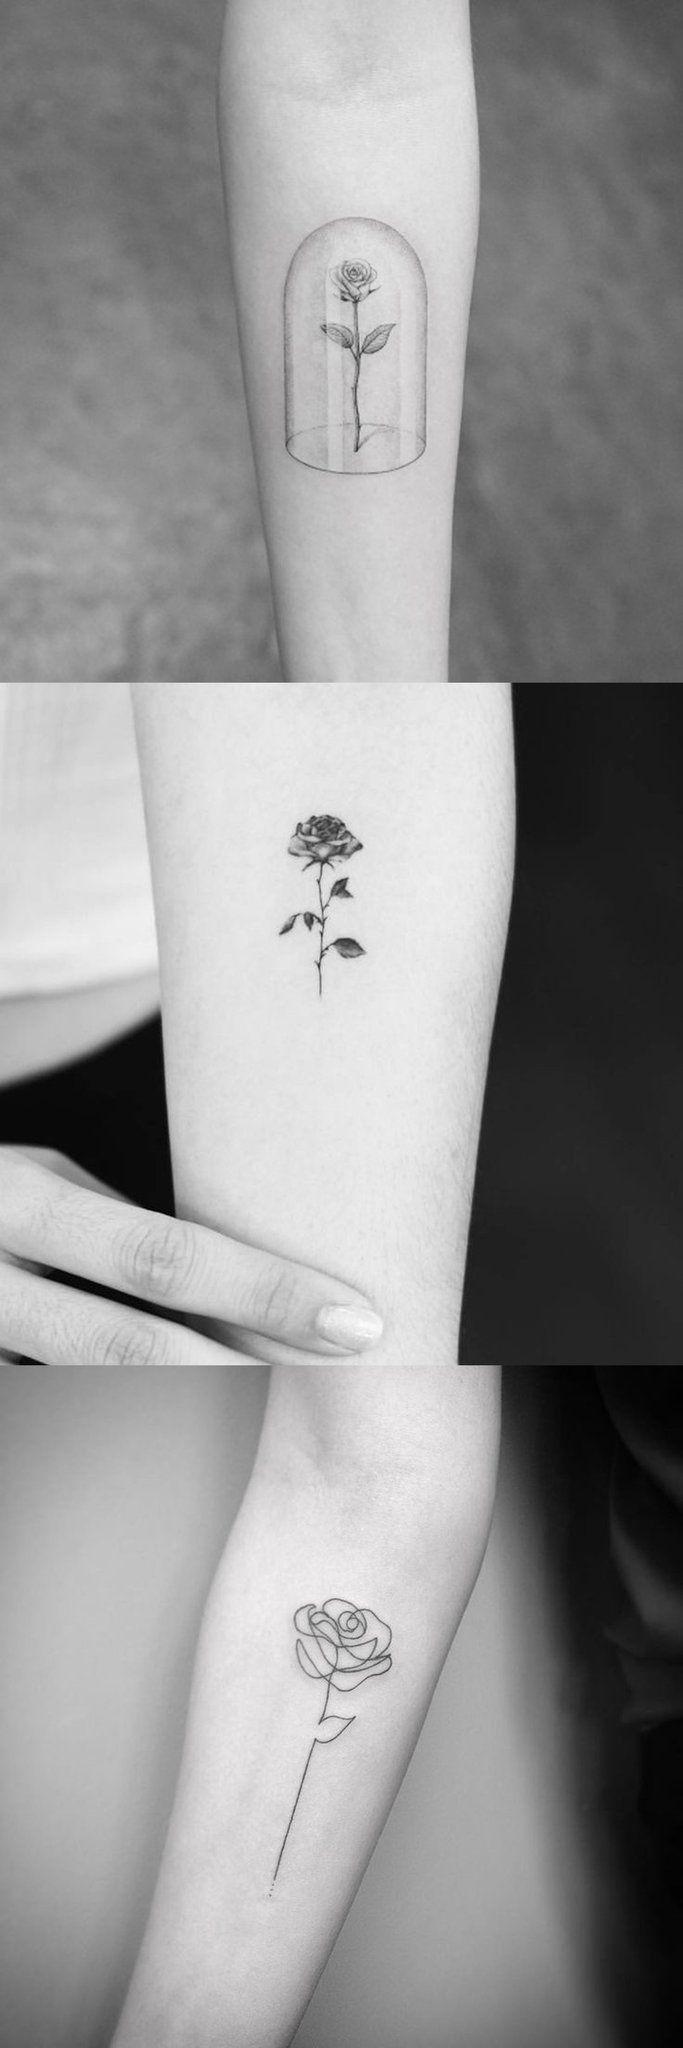 Minimalist Simple Flower Circle Tattoo: 30 Free And Simple Small Tattoo Ideas For The Minimalist